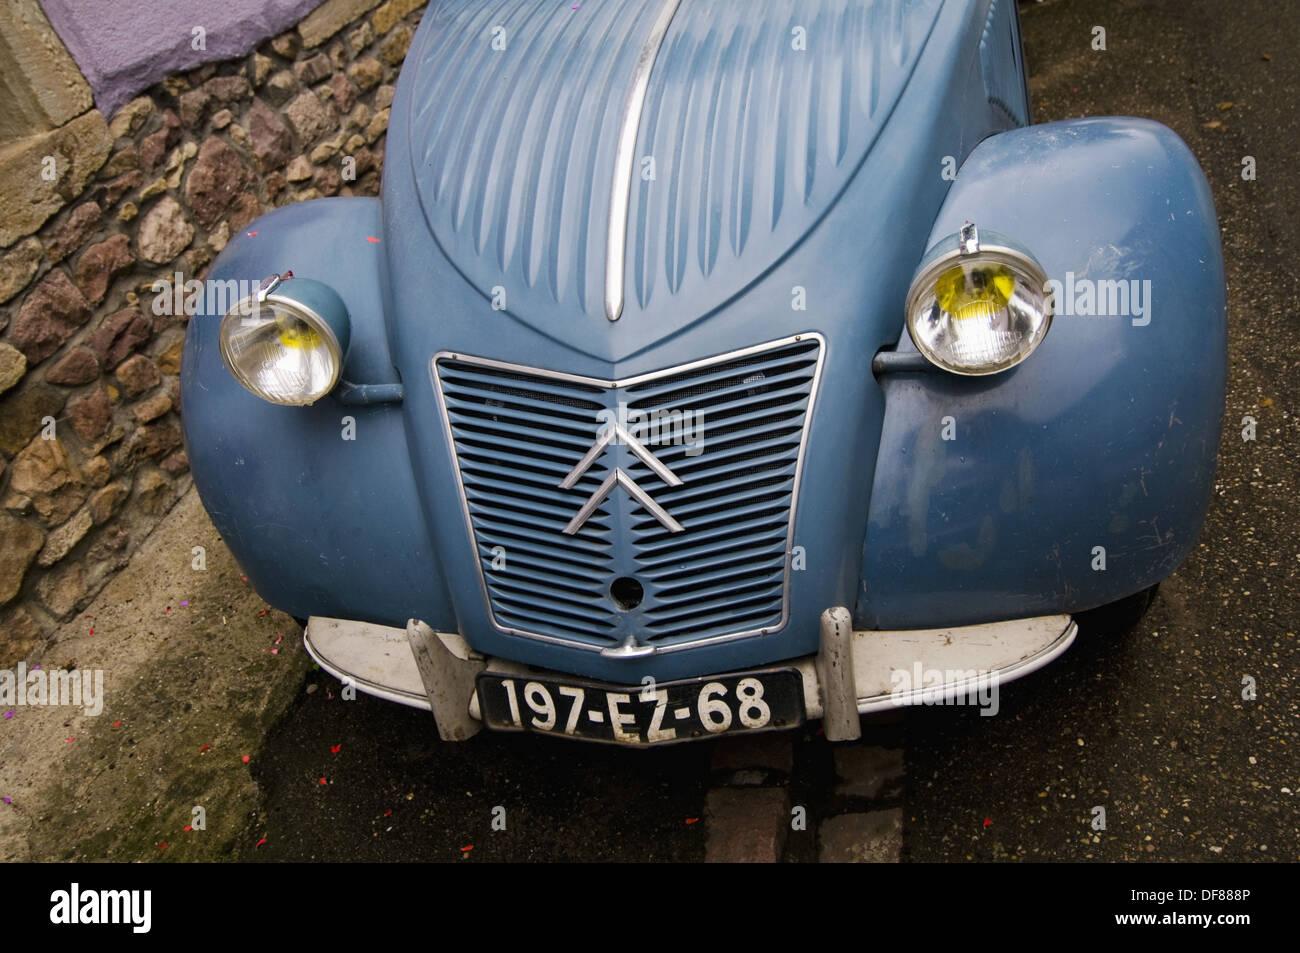 Bonnet, headlights and registration plate of an old Citroen 2CV ...